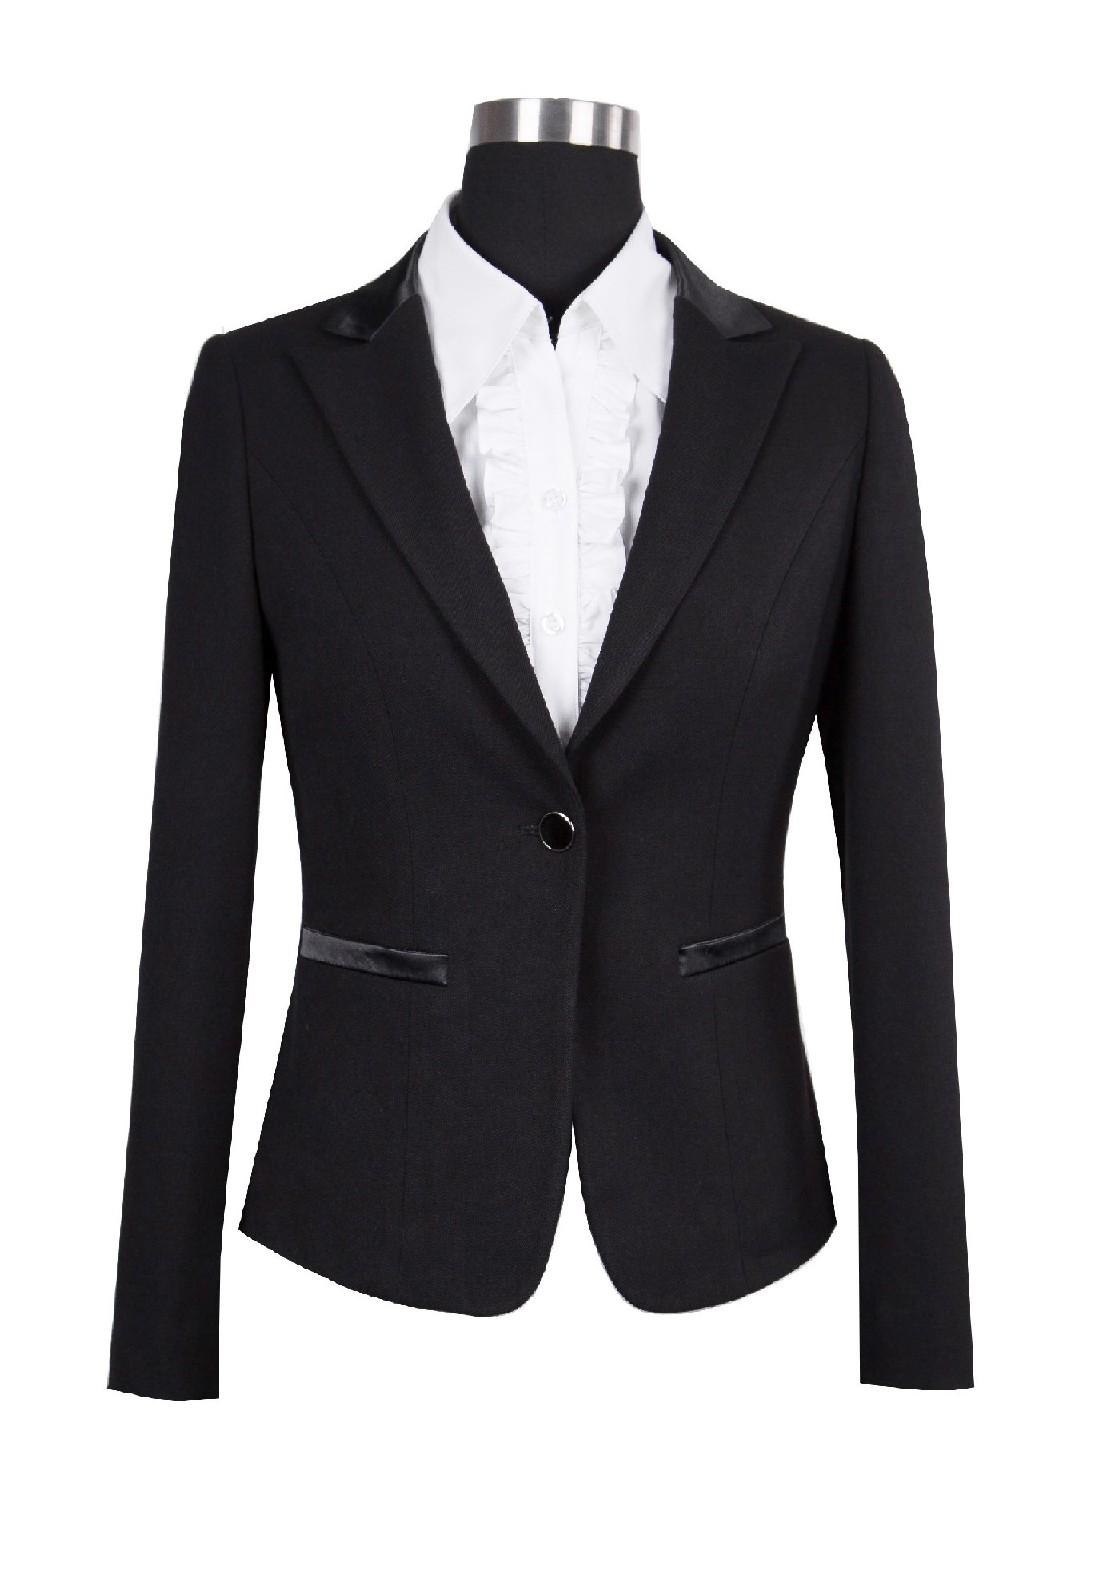 职业装品牌推荐_职业女装牌子哪个好 职业女装西装套装怎么样